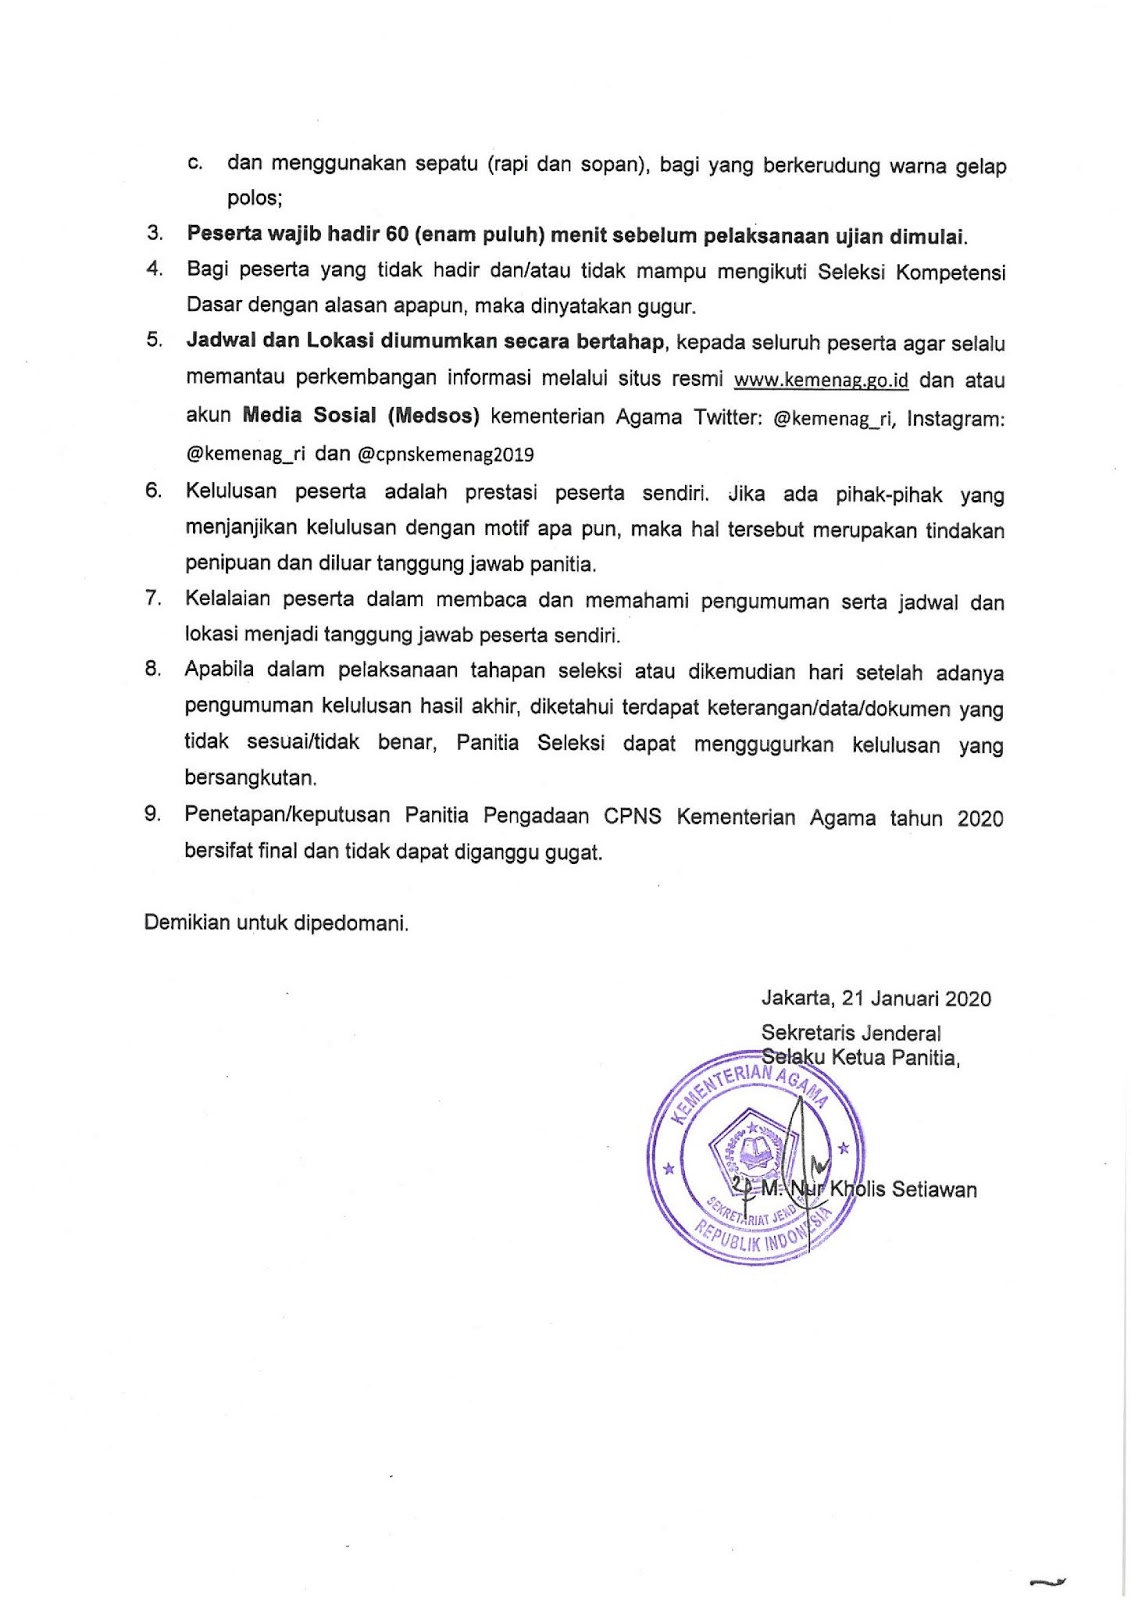 Jadwal Dan Lokasi Seleksi Skd Cpns Kementerian Agama Tahun Anggaran 2019 2020 Rekrutmen Lowongan Kerja Cpns Bumn Bulan Agustus 2021